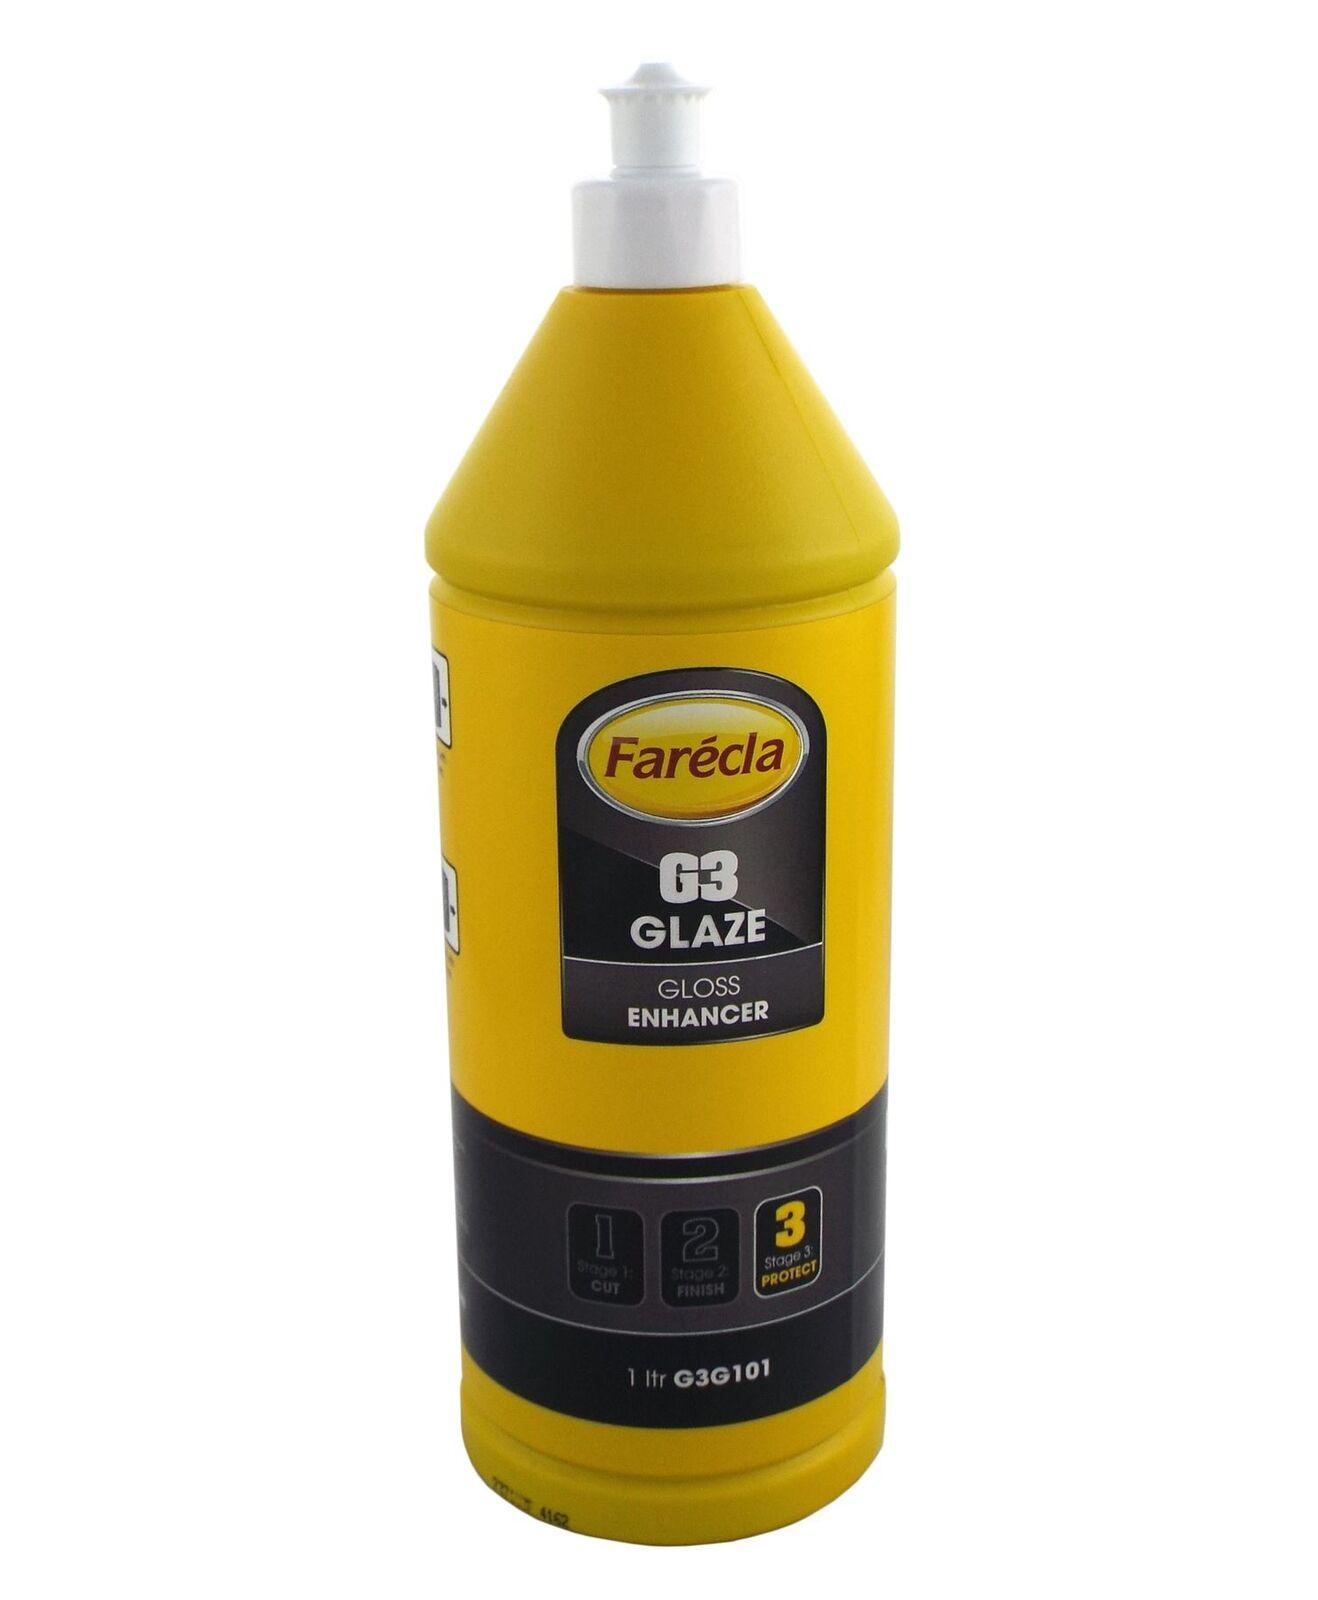 Farecla G3 Glaze Gloss Shine Enhancer Compound 1lt